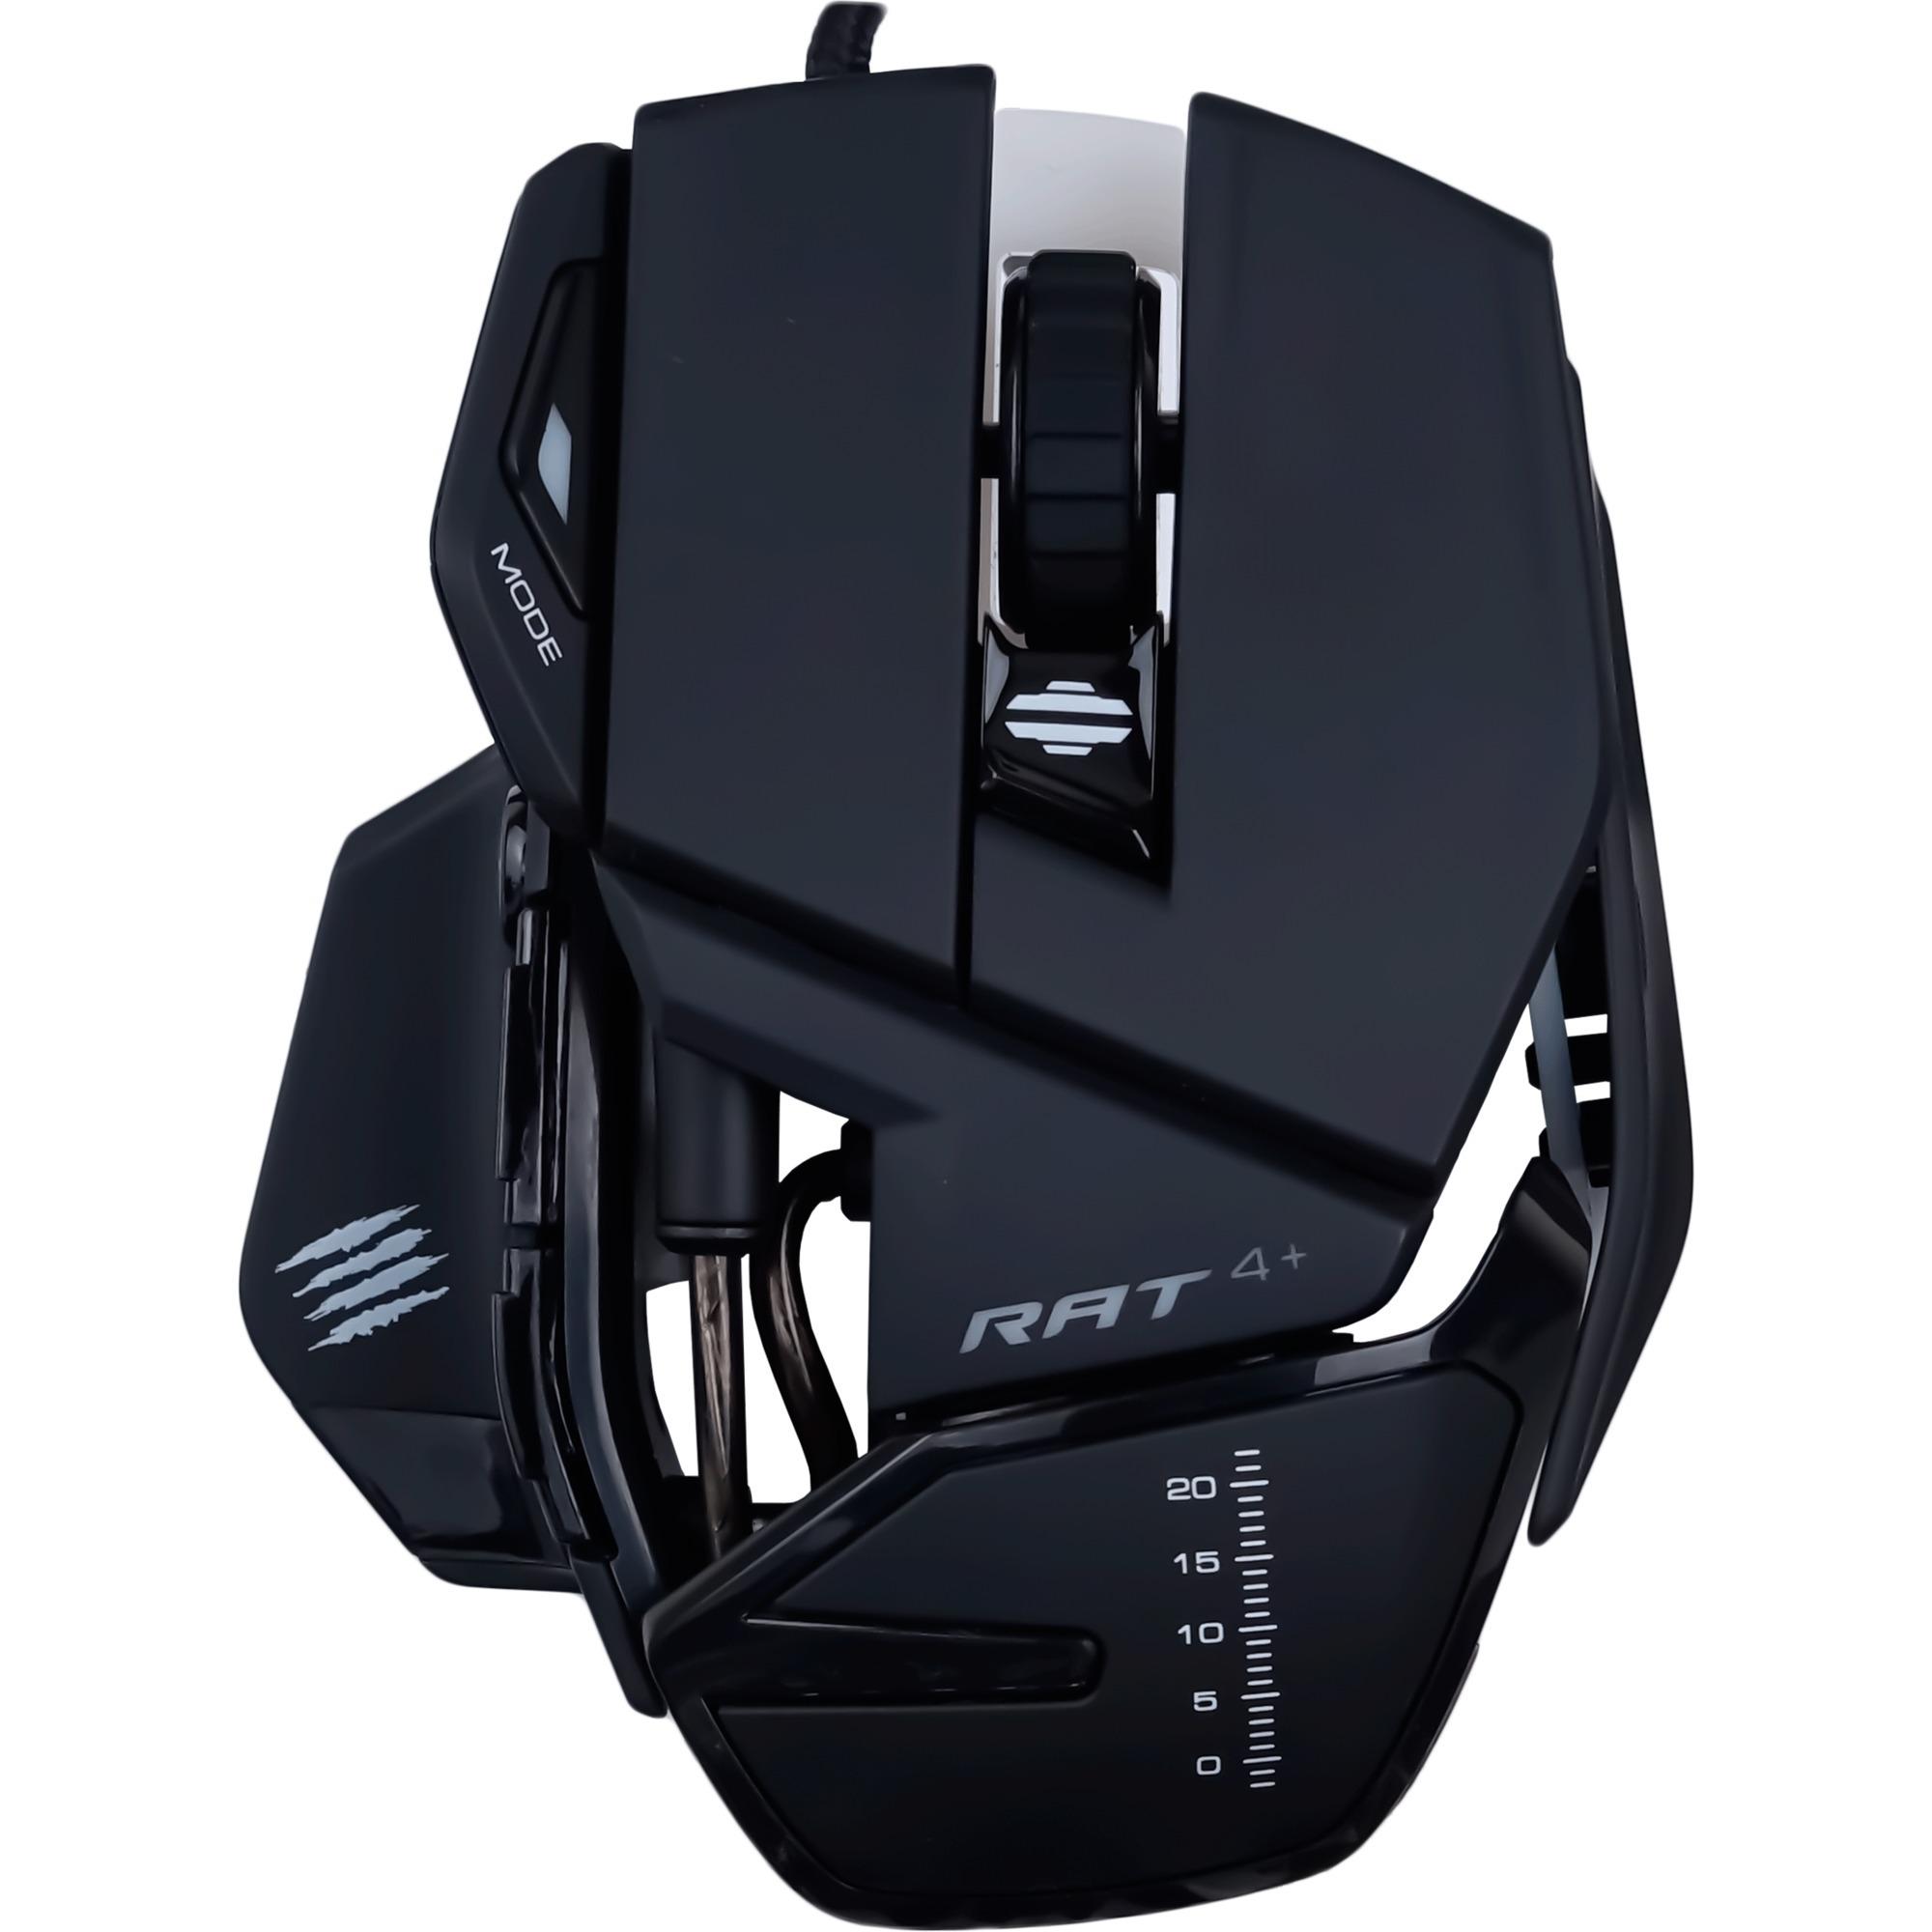 R.A.T. 4+ ratón USB Óptico 7200 DPI mano derecha